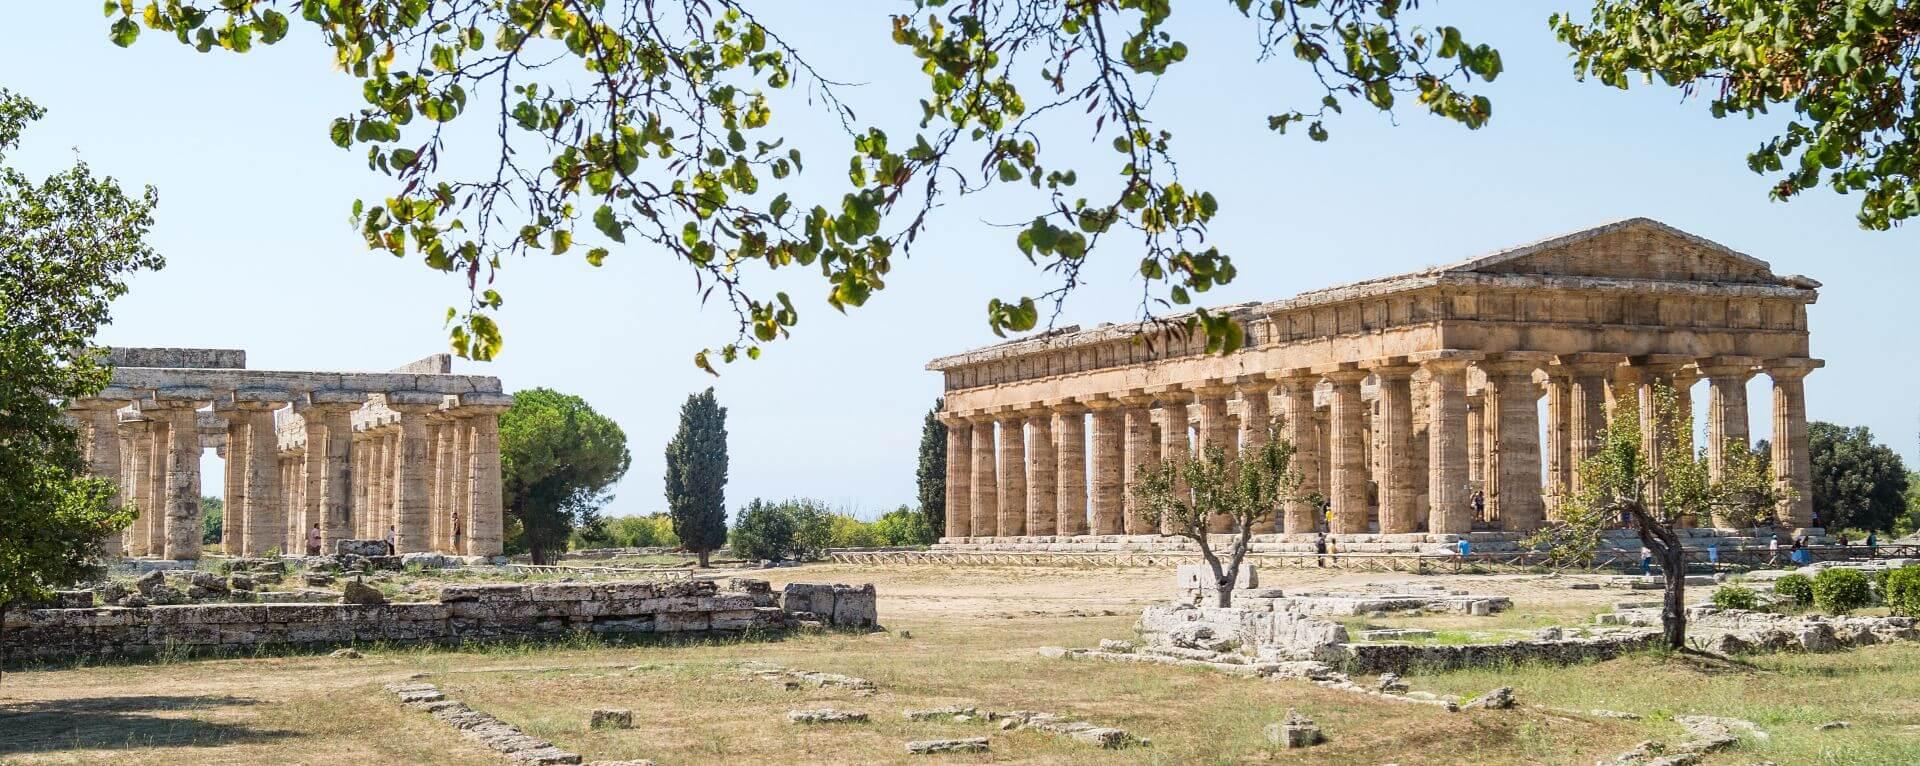 Templi di Hera e Nettuno